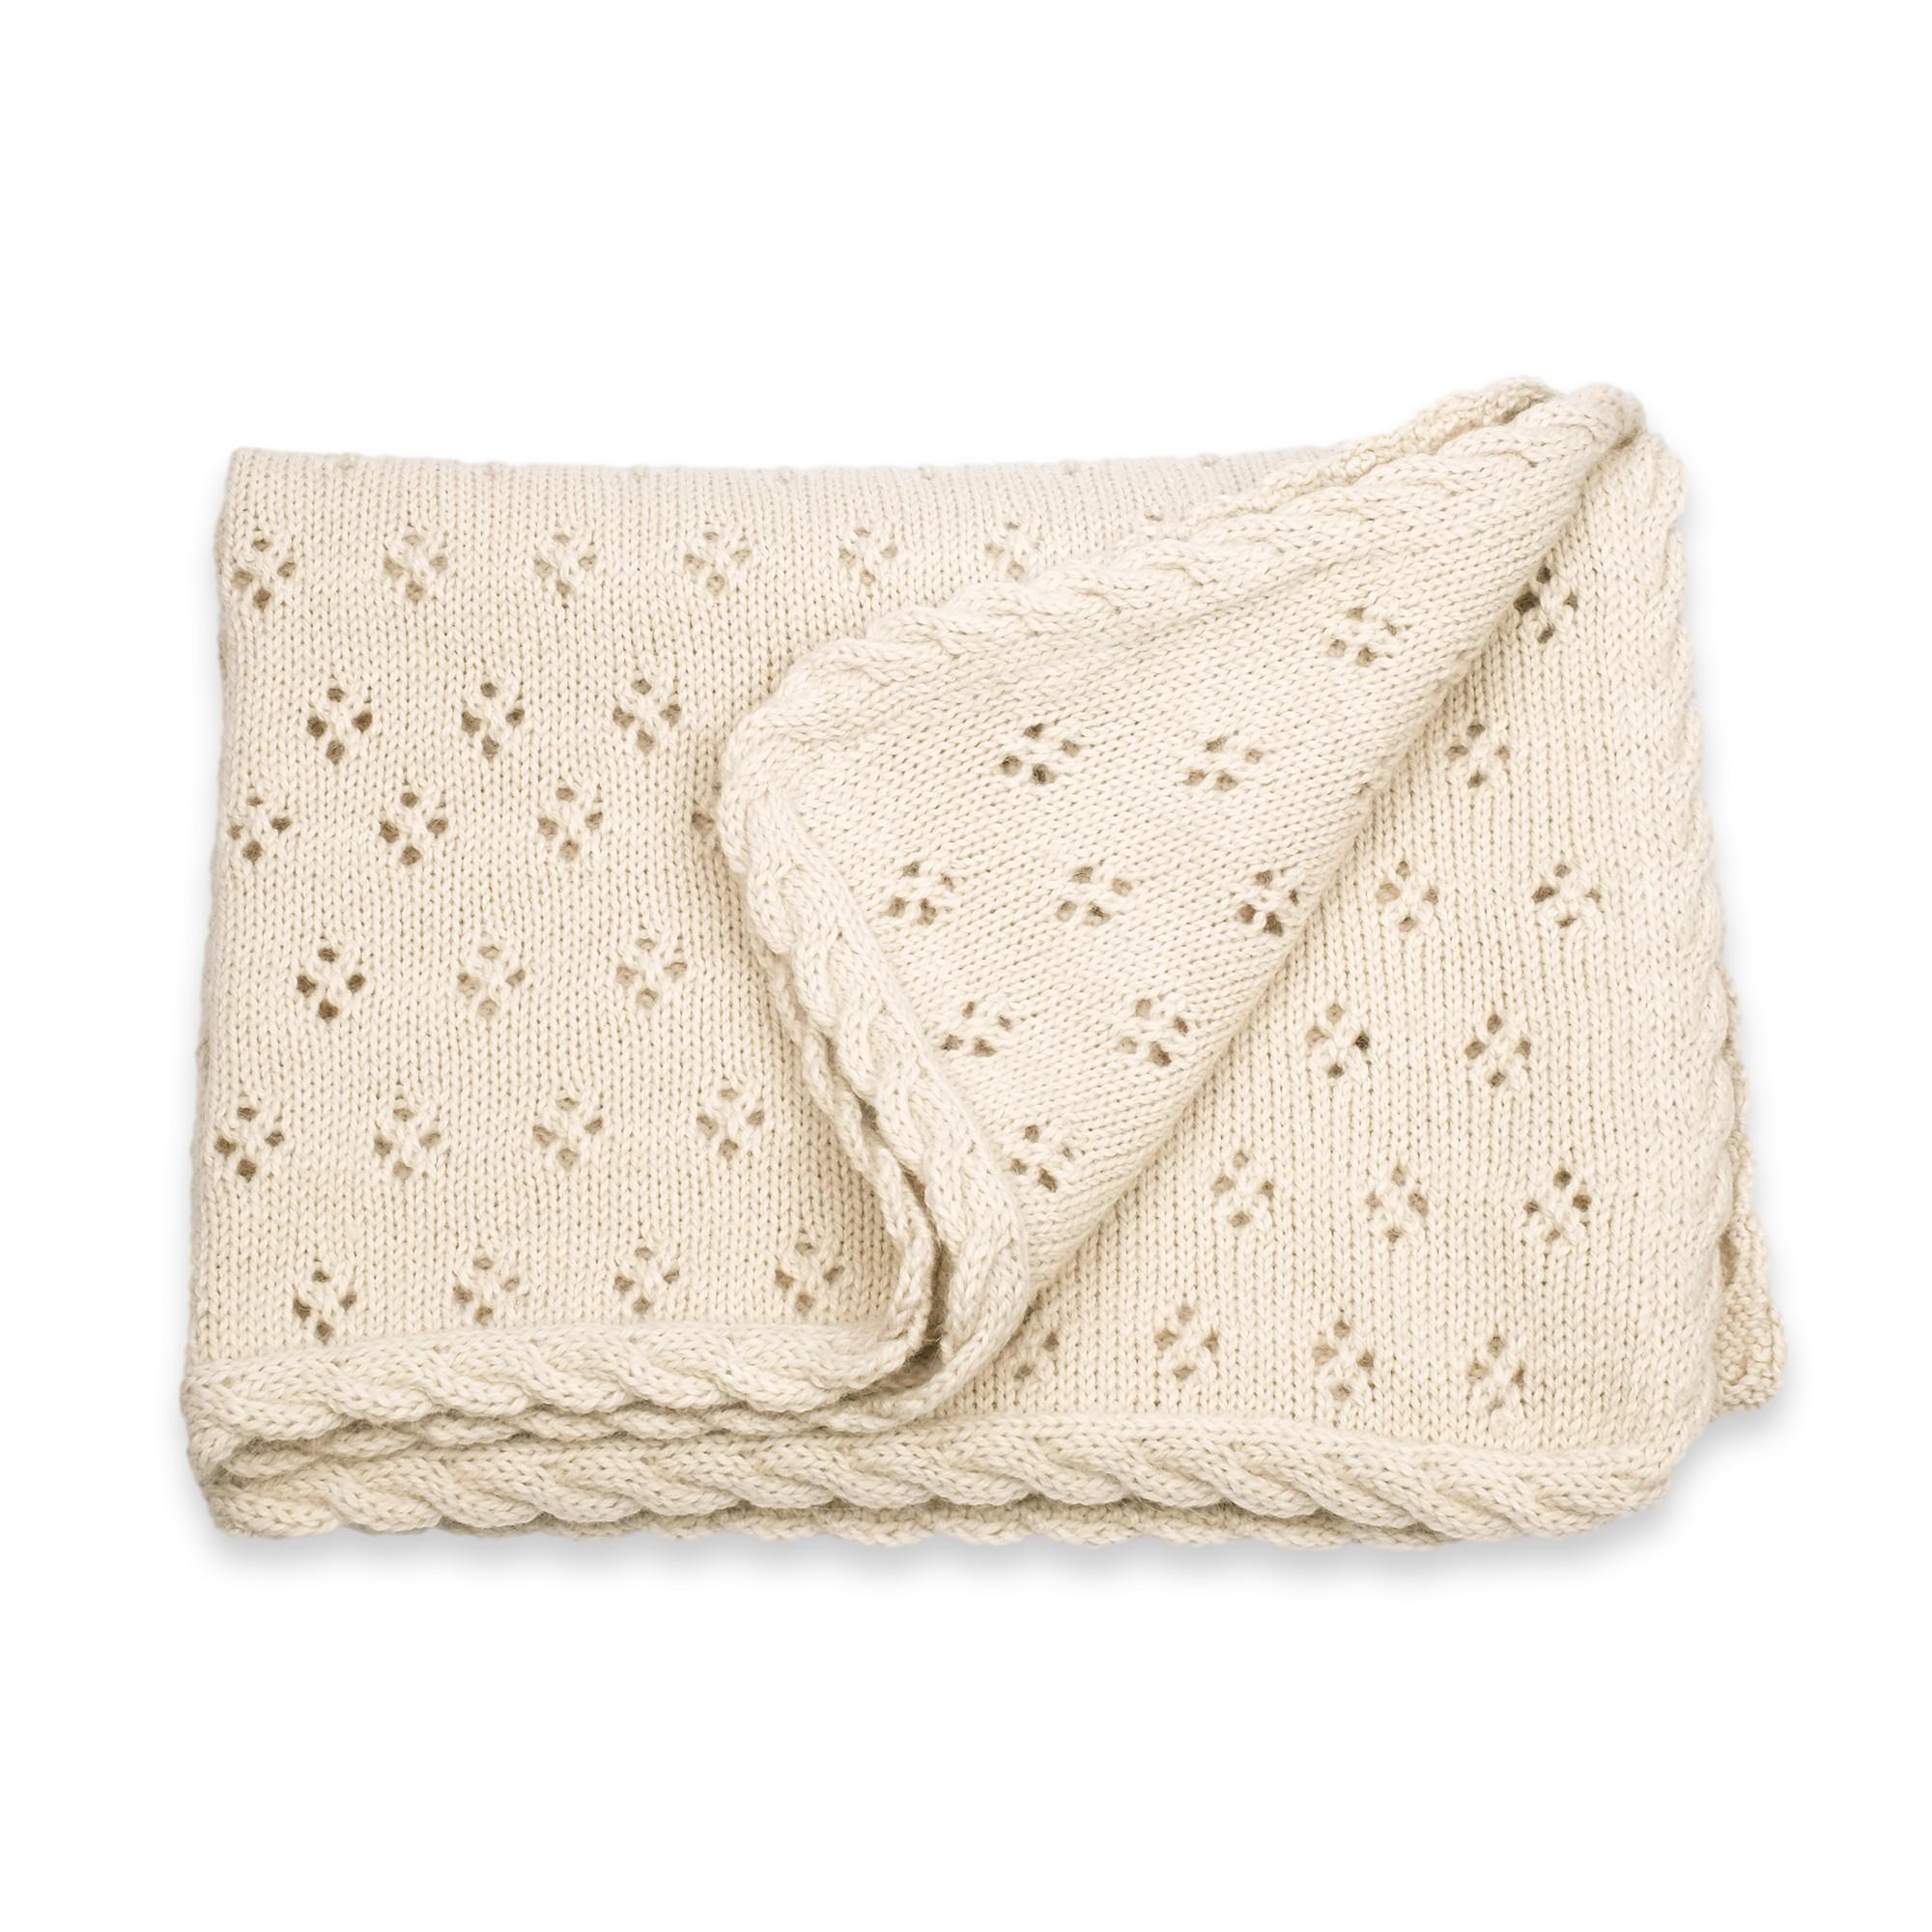 les tricots de mamy ch le de bapt me couverture b b ecru en laine d 39 alpaga mamy factory. Black Bedroom Furniture Sets. Home Design Ideas